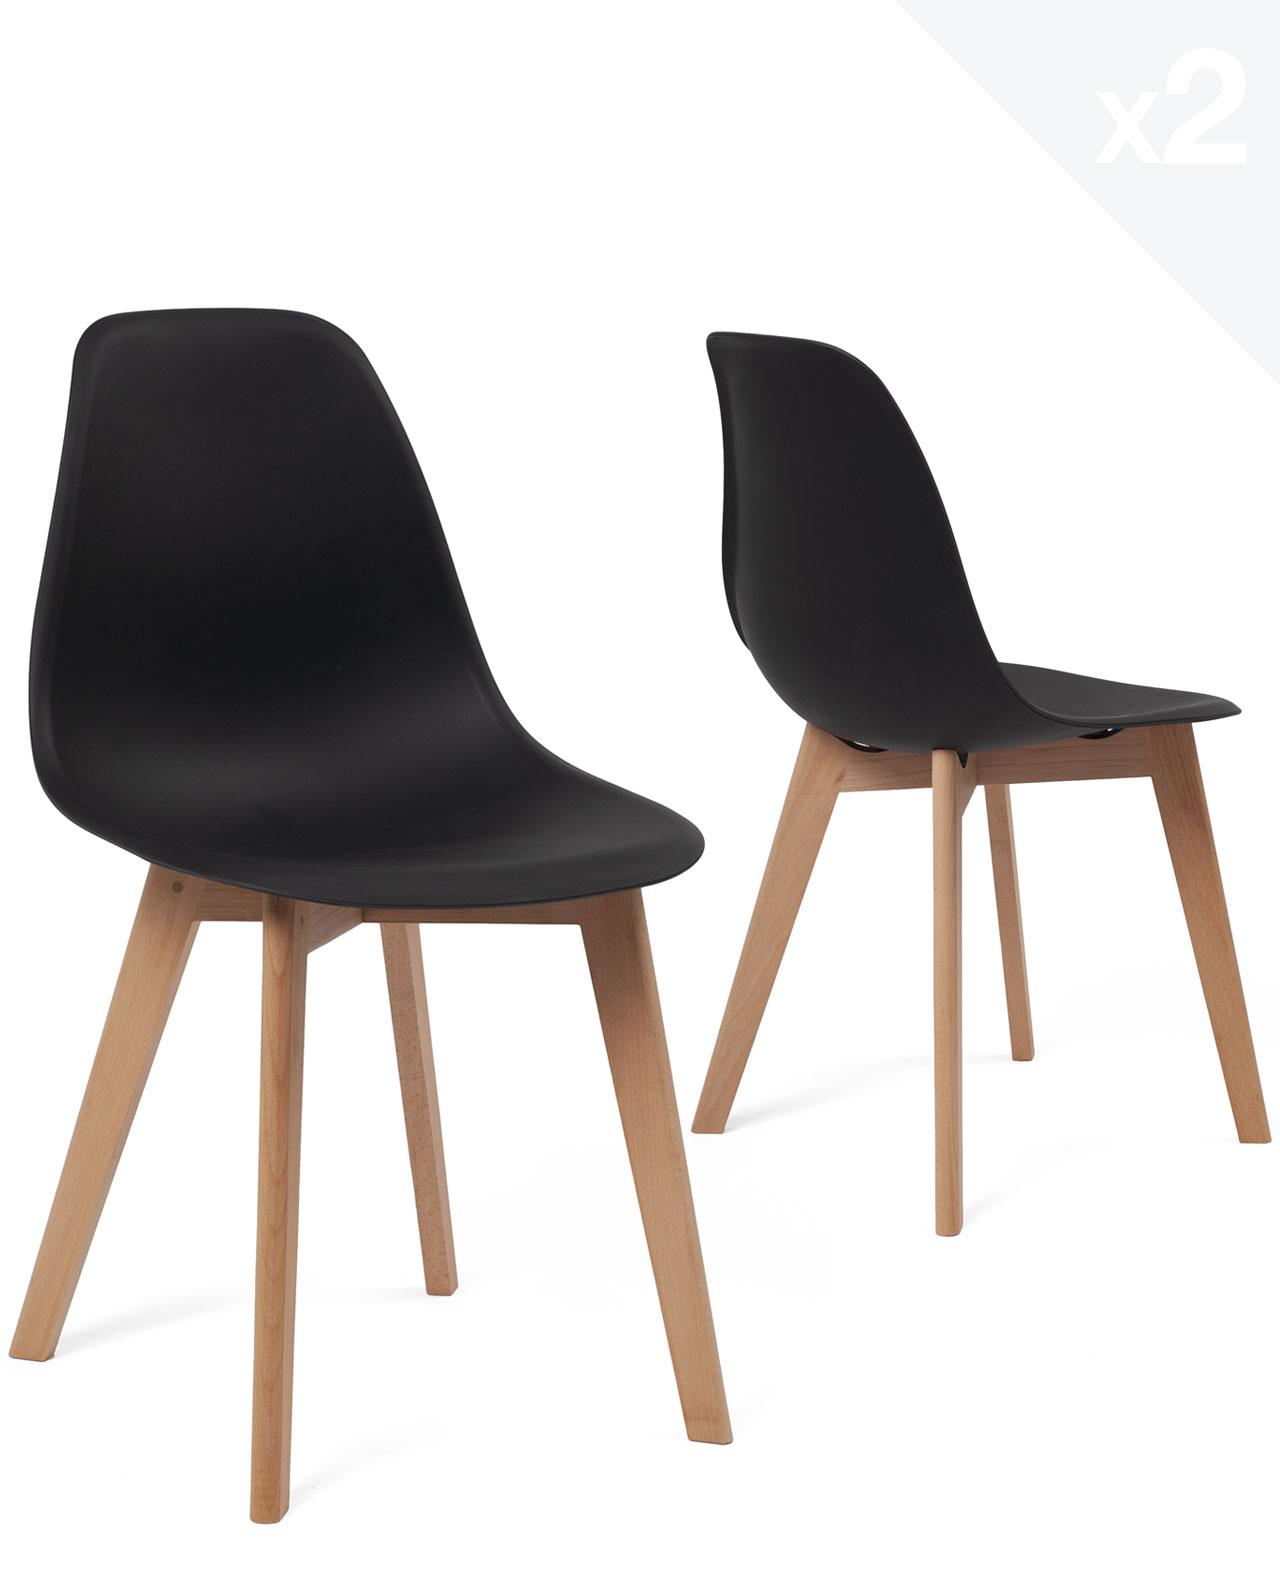 chaise scandinave design nao lot de 2